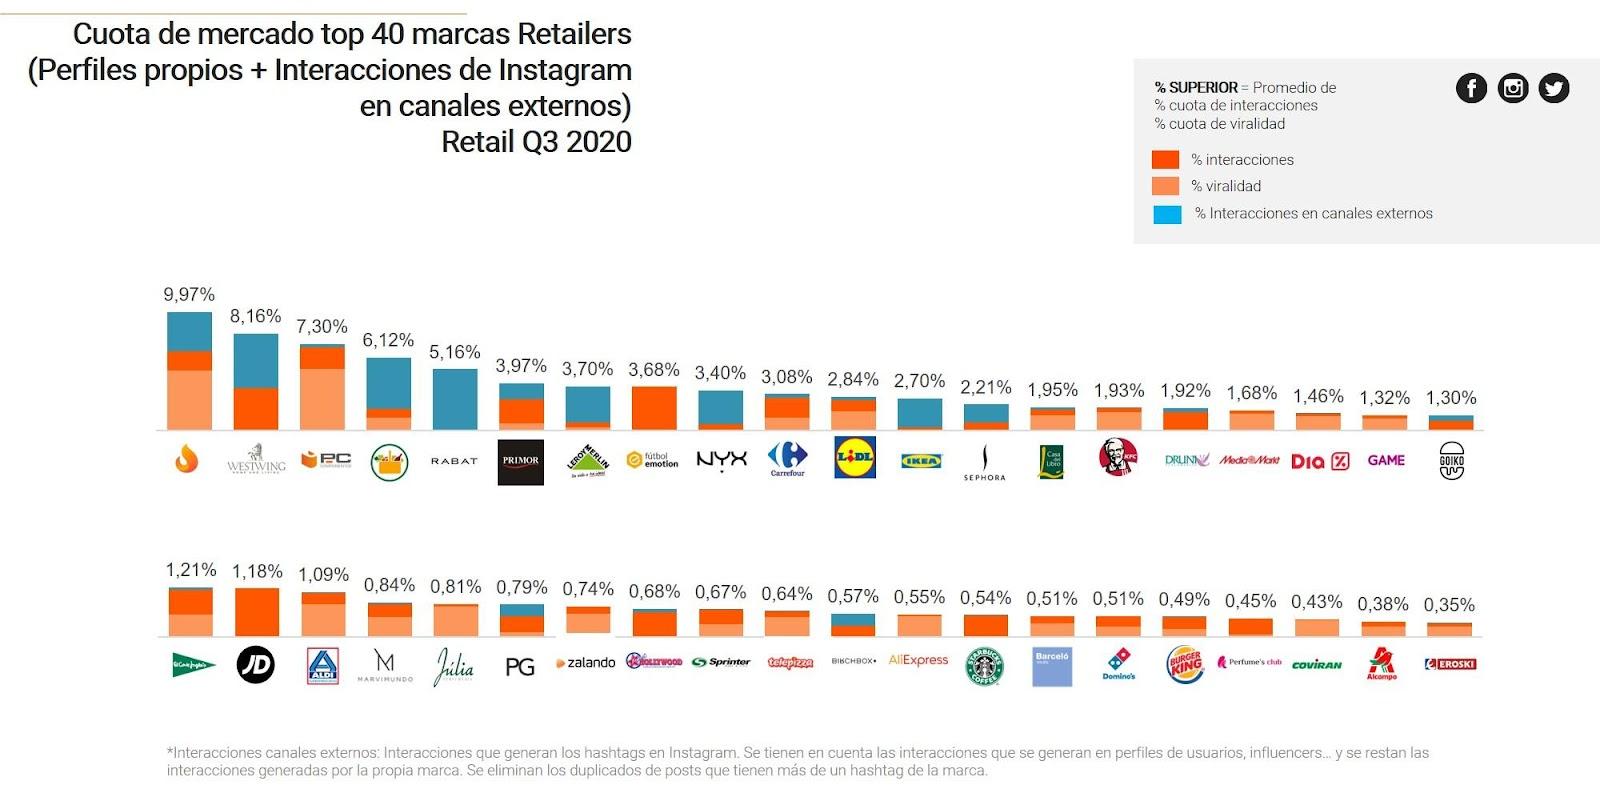 C:\Users\Marta-Numa\Downloads\ranking retail q32020.jpg